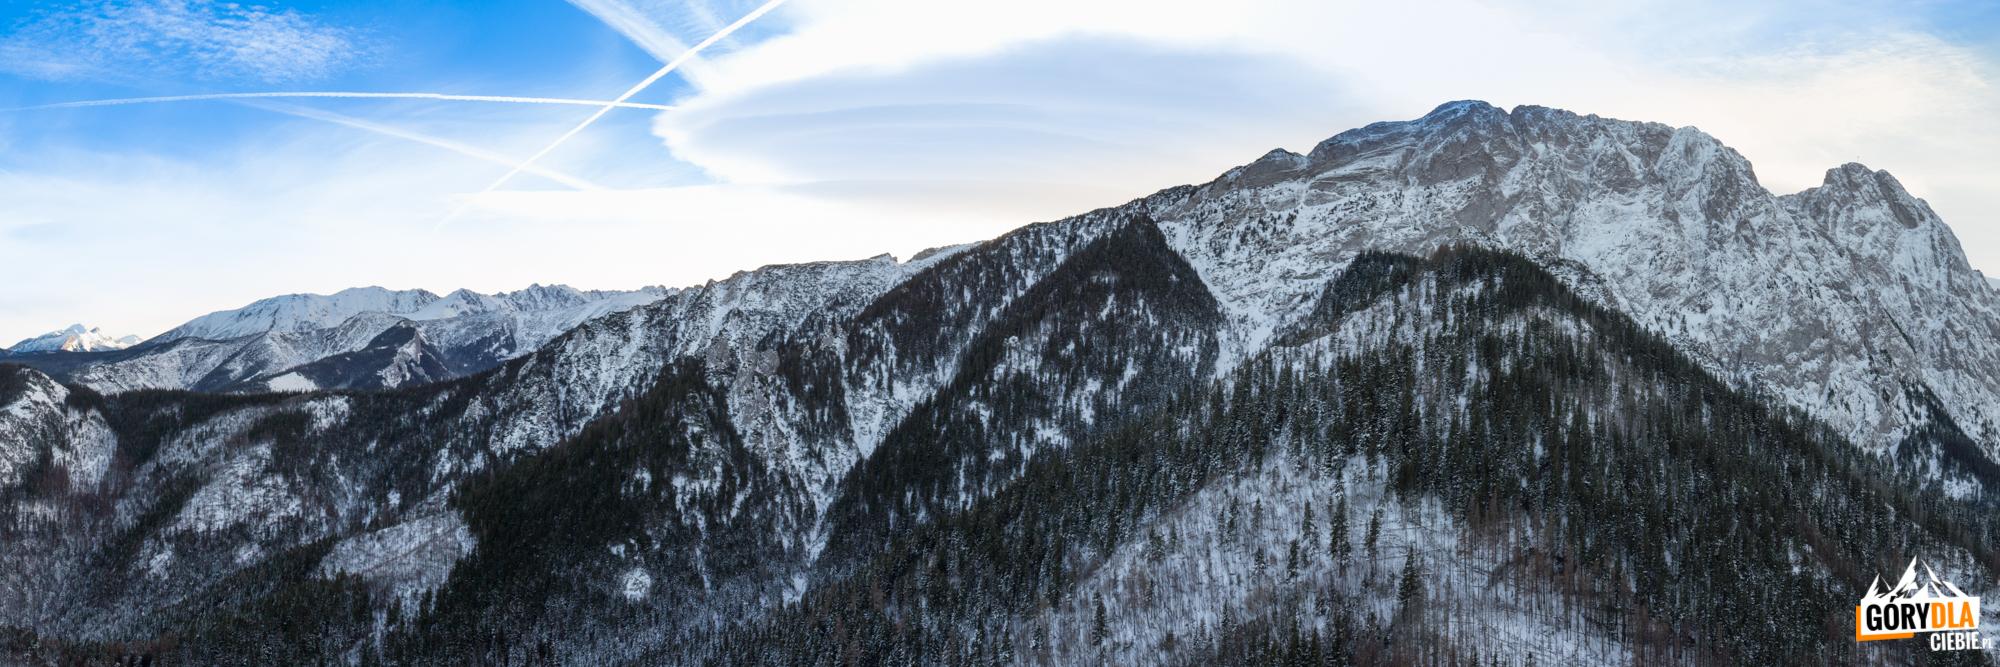 Widok zSarniej Skały (1377 m) naściany Giewontu